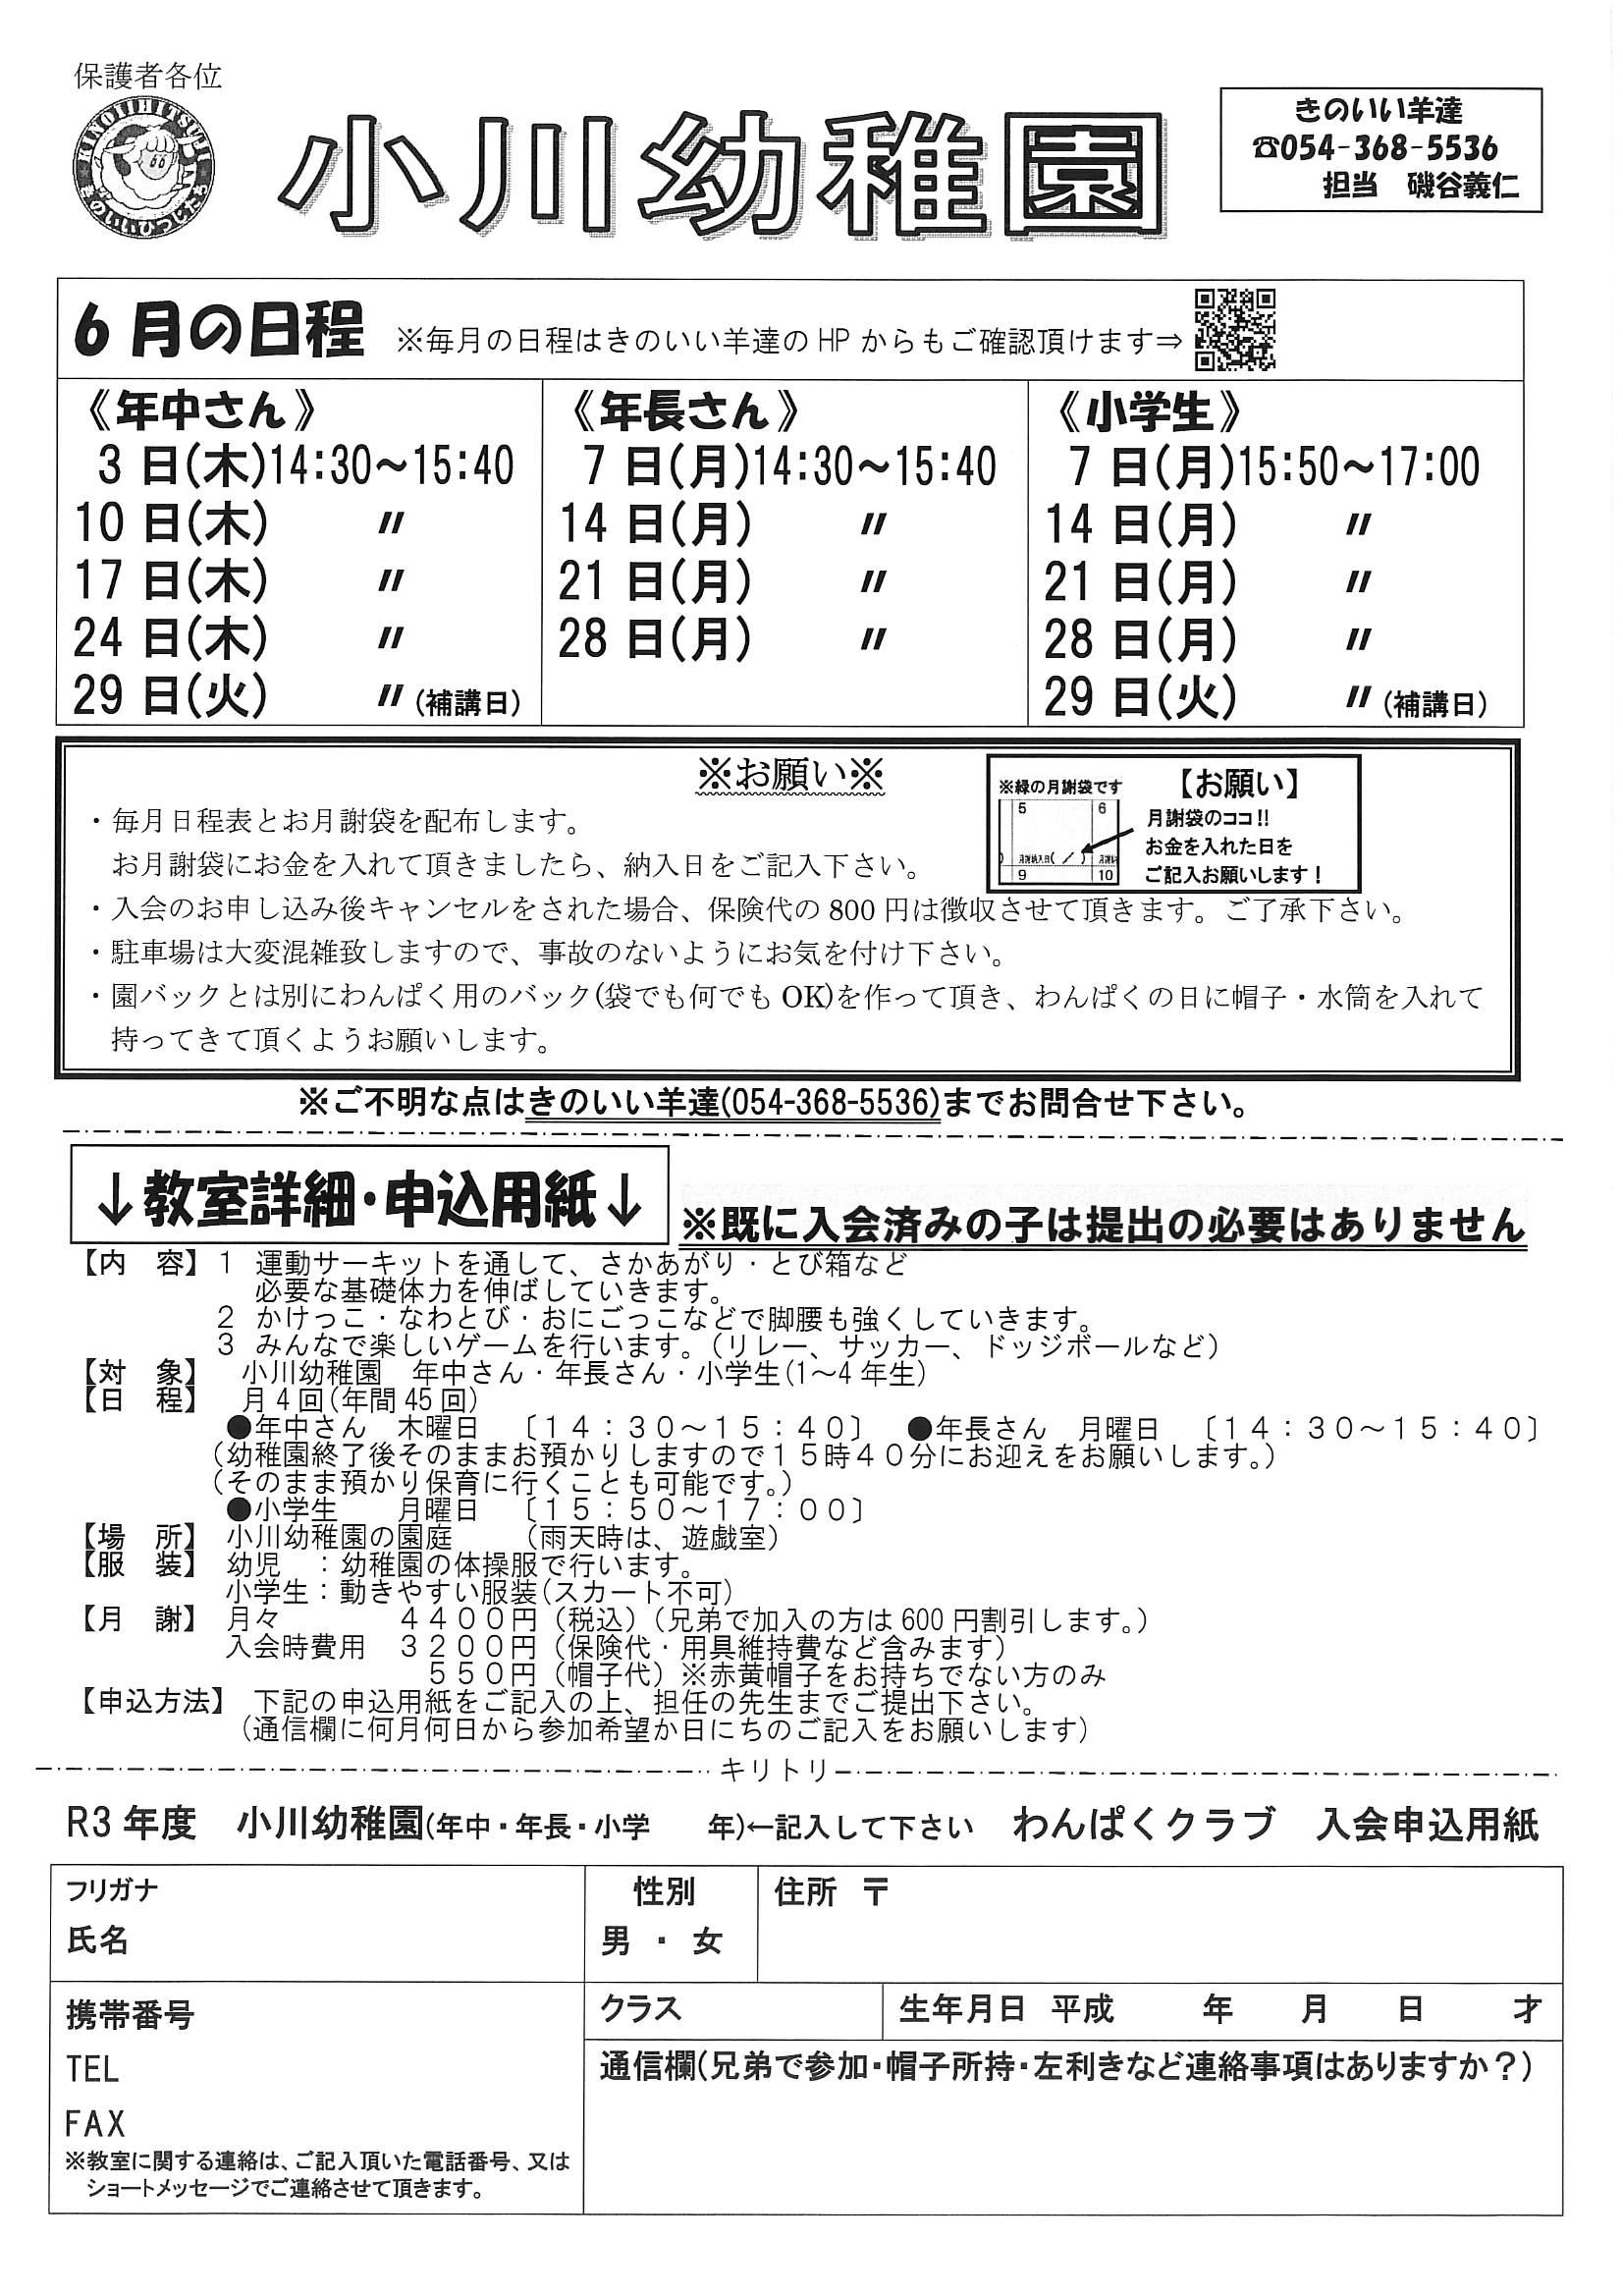 焼津 小川幼稚園